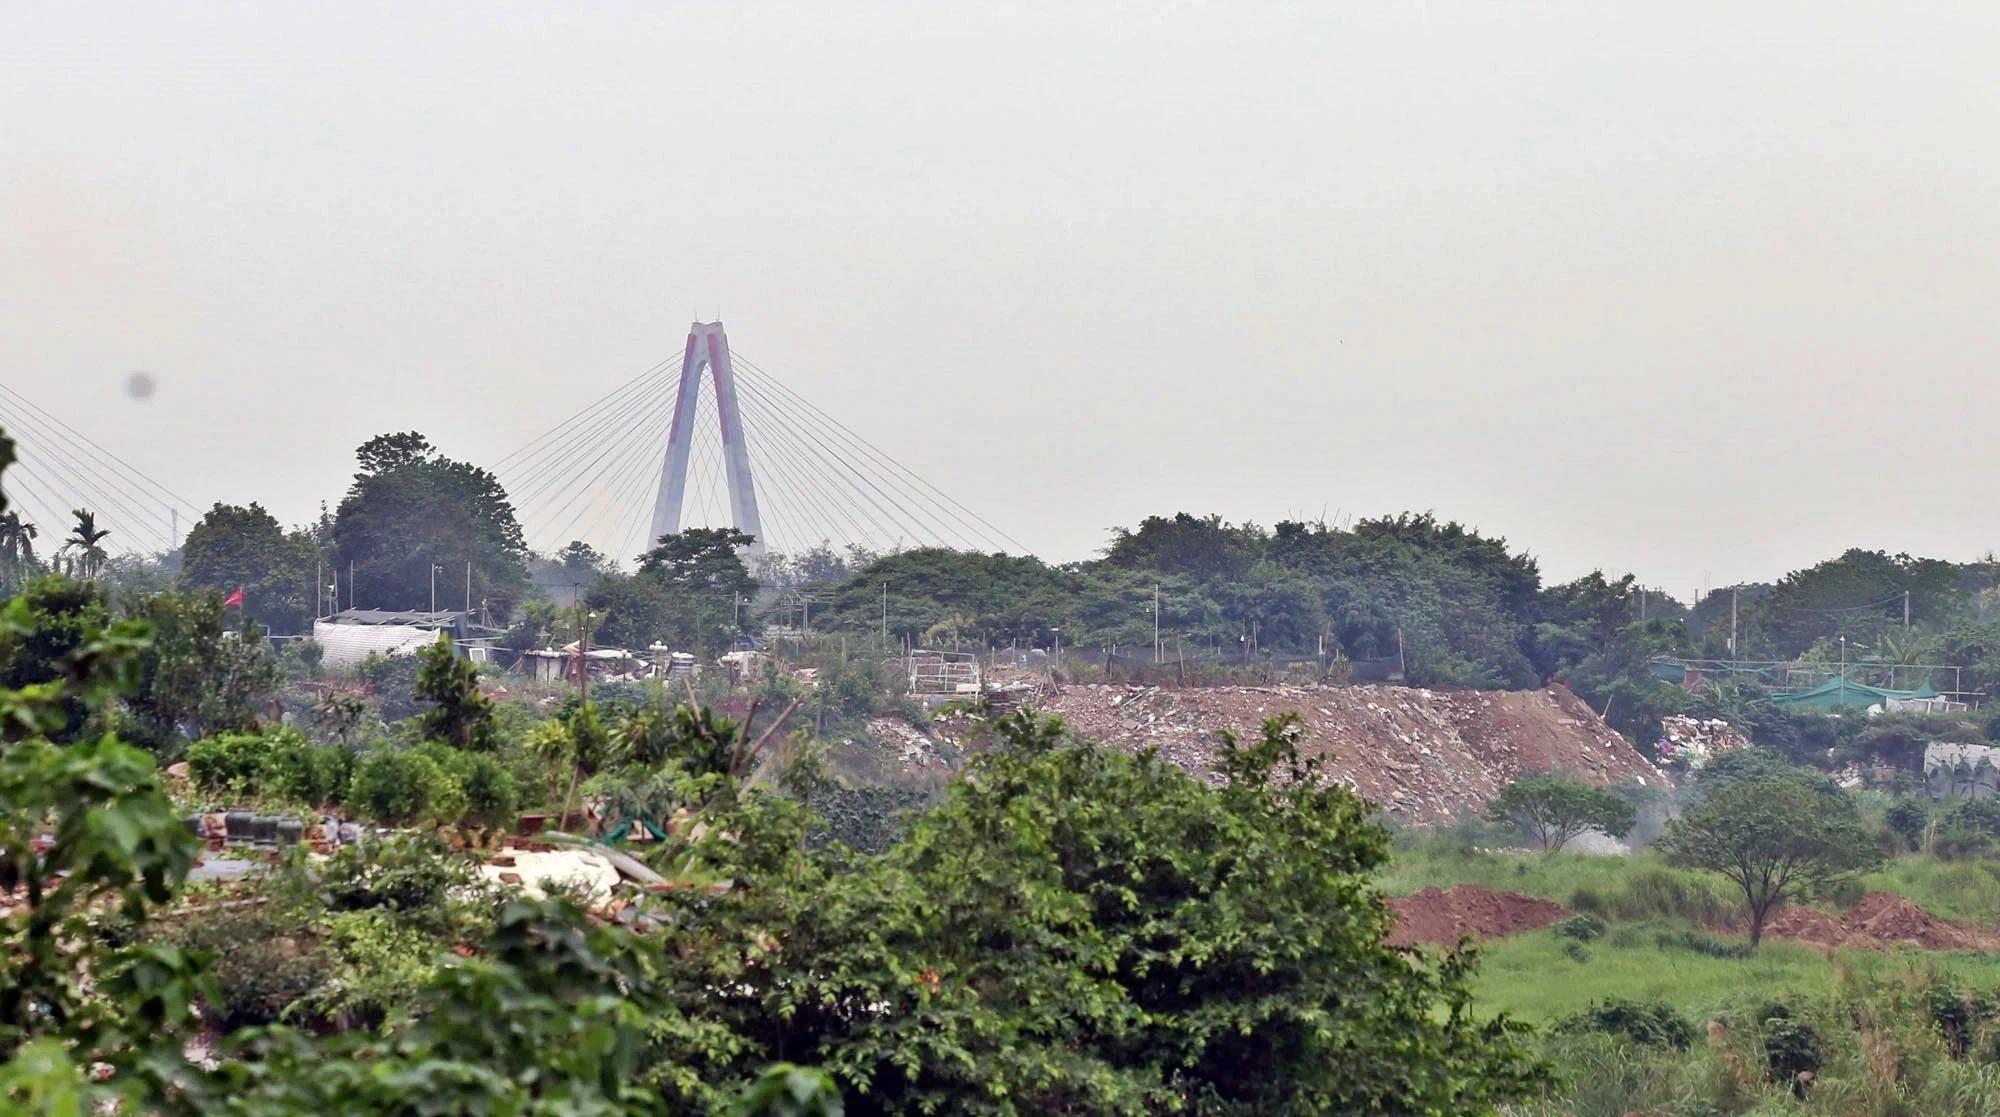 Toàn cảnh hiện trạng Phân khu đô thị sông Hồng trên địa bàn quận Tây Hồ - Ảnh 24.